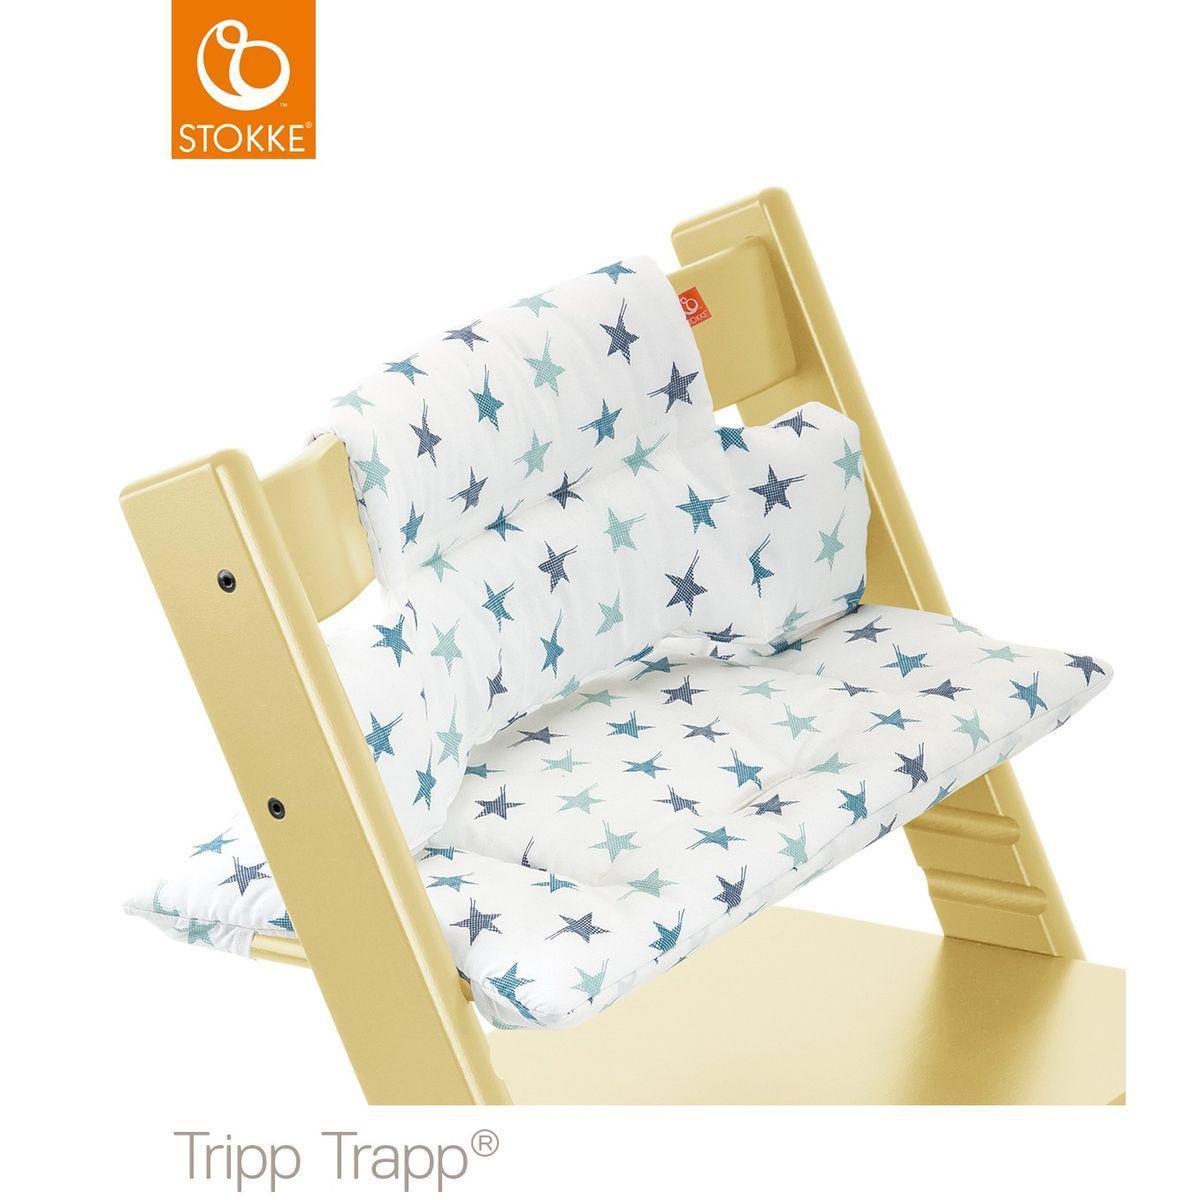 Pour Pour Accessoire Chaise Haute Accessoire Chaise BoedxrCW